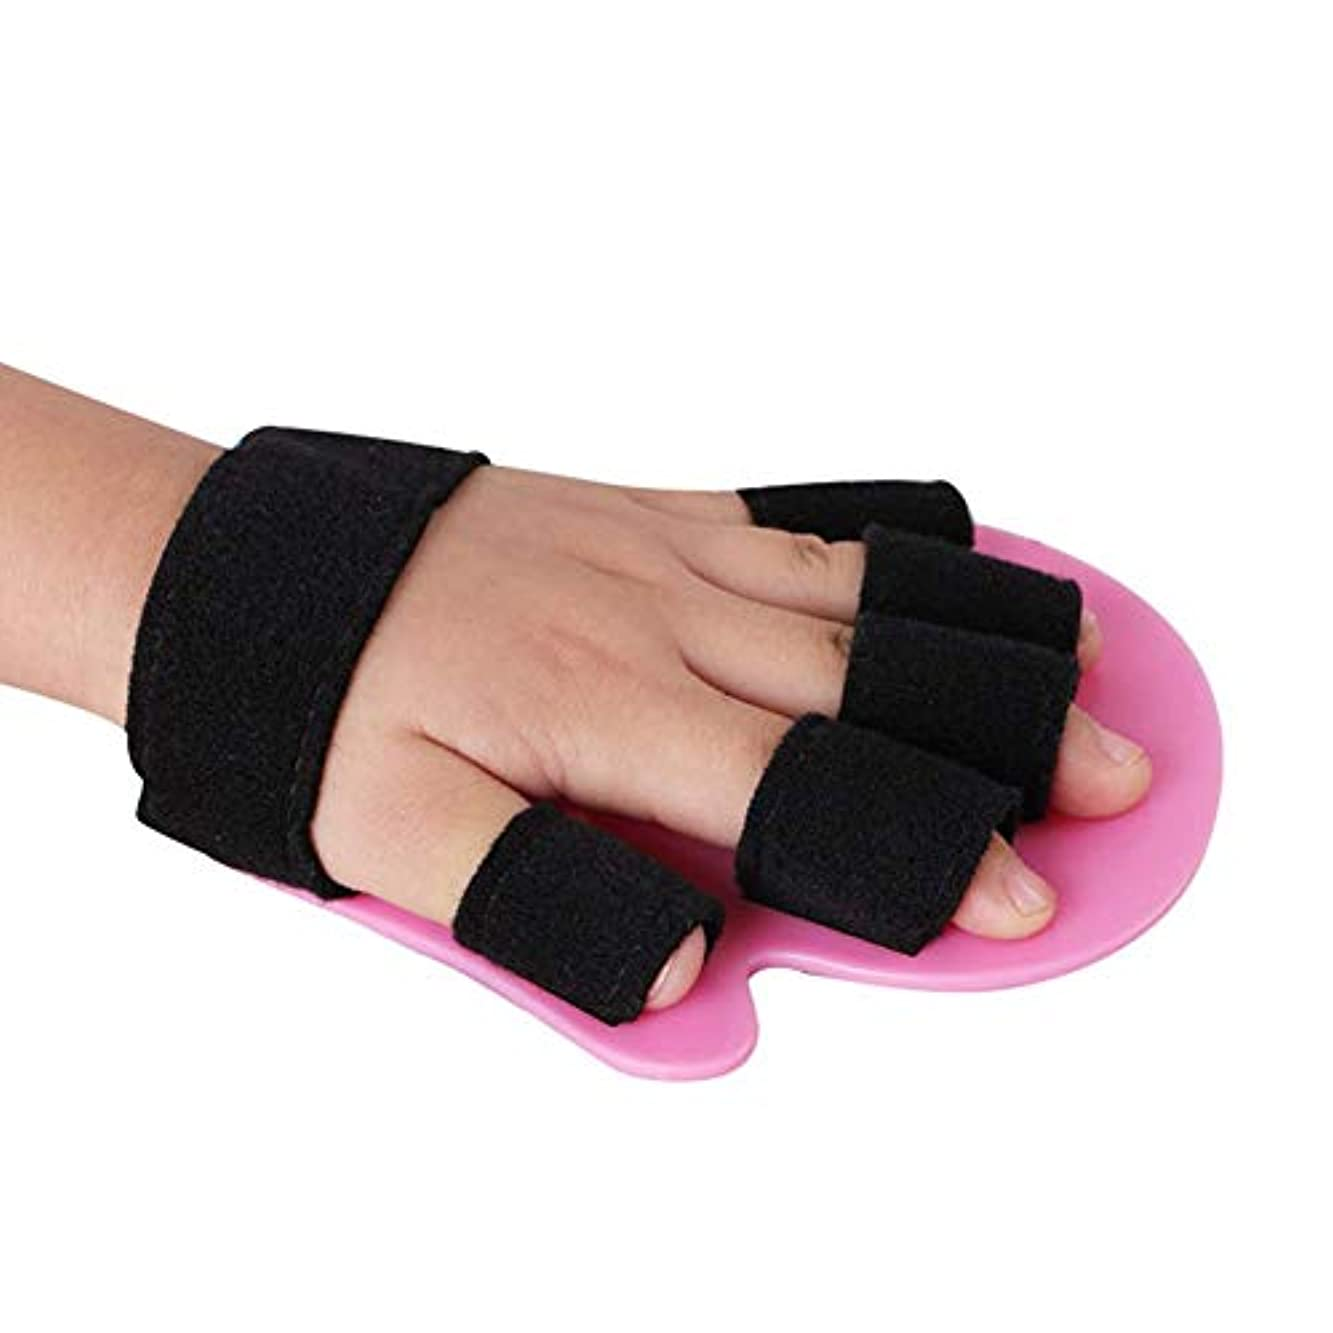 絶滅したトランジスタ弁護スプリント指指セパレーター、手の手首の装具は別のデバイス患者関節炎リハビリテーション支援Brace1-5歳サポートばね指のスプリントを指